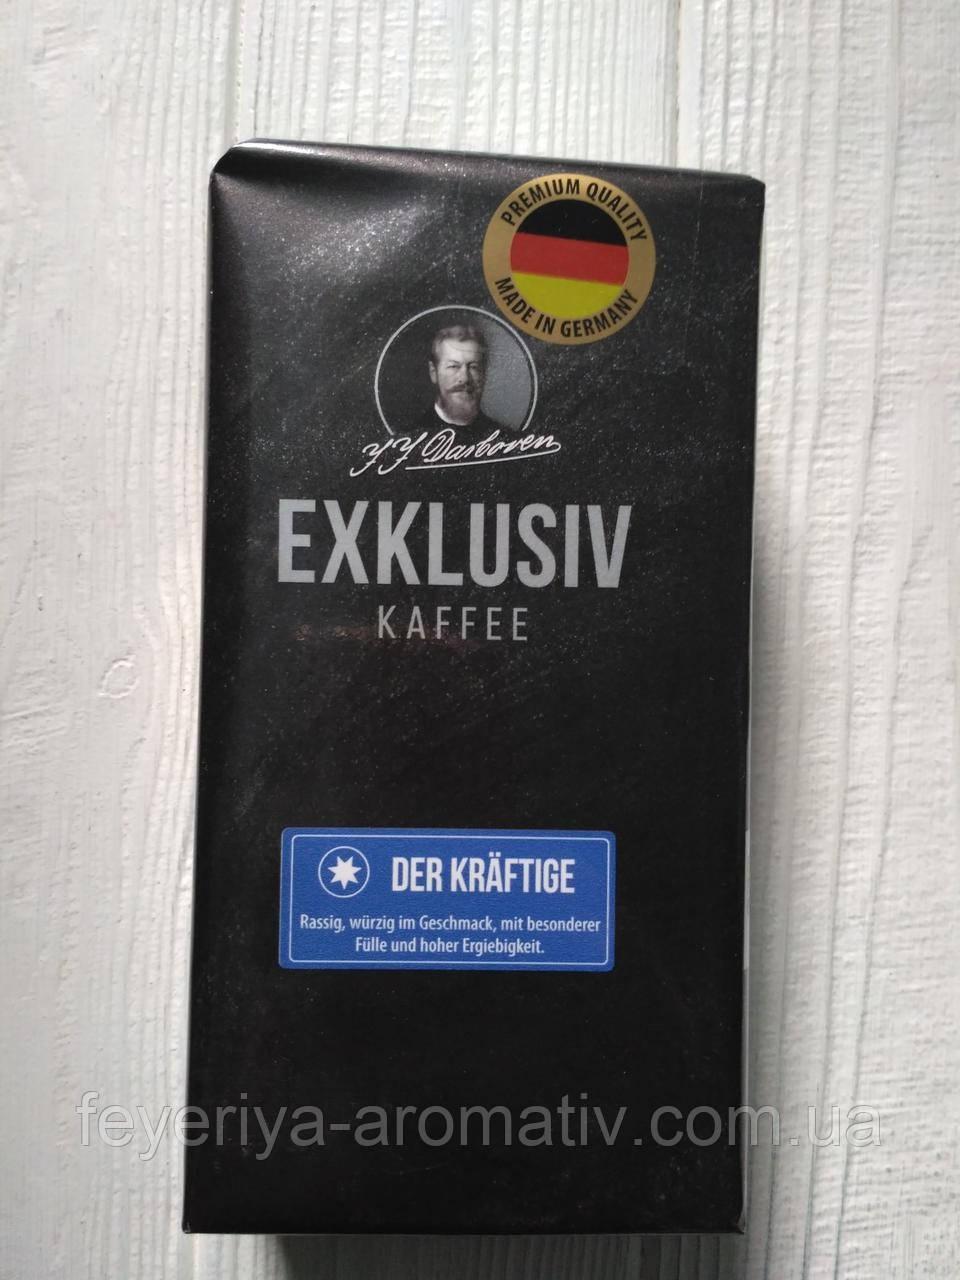 Кофе молотый Exklusiv Kaffee Der Kraftige 250гр. (Германия)